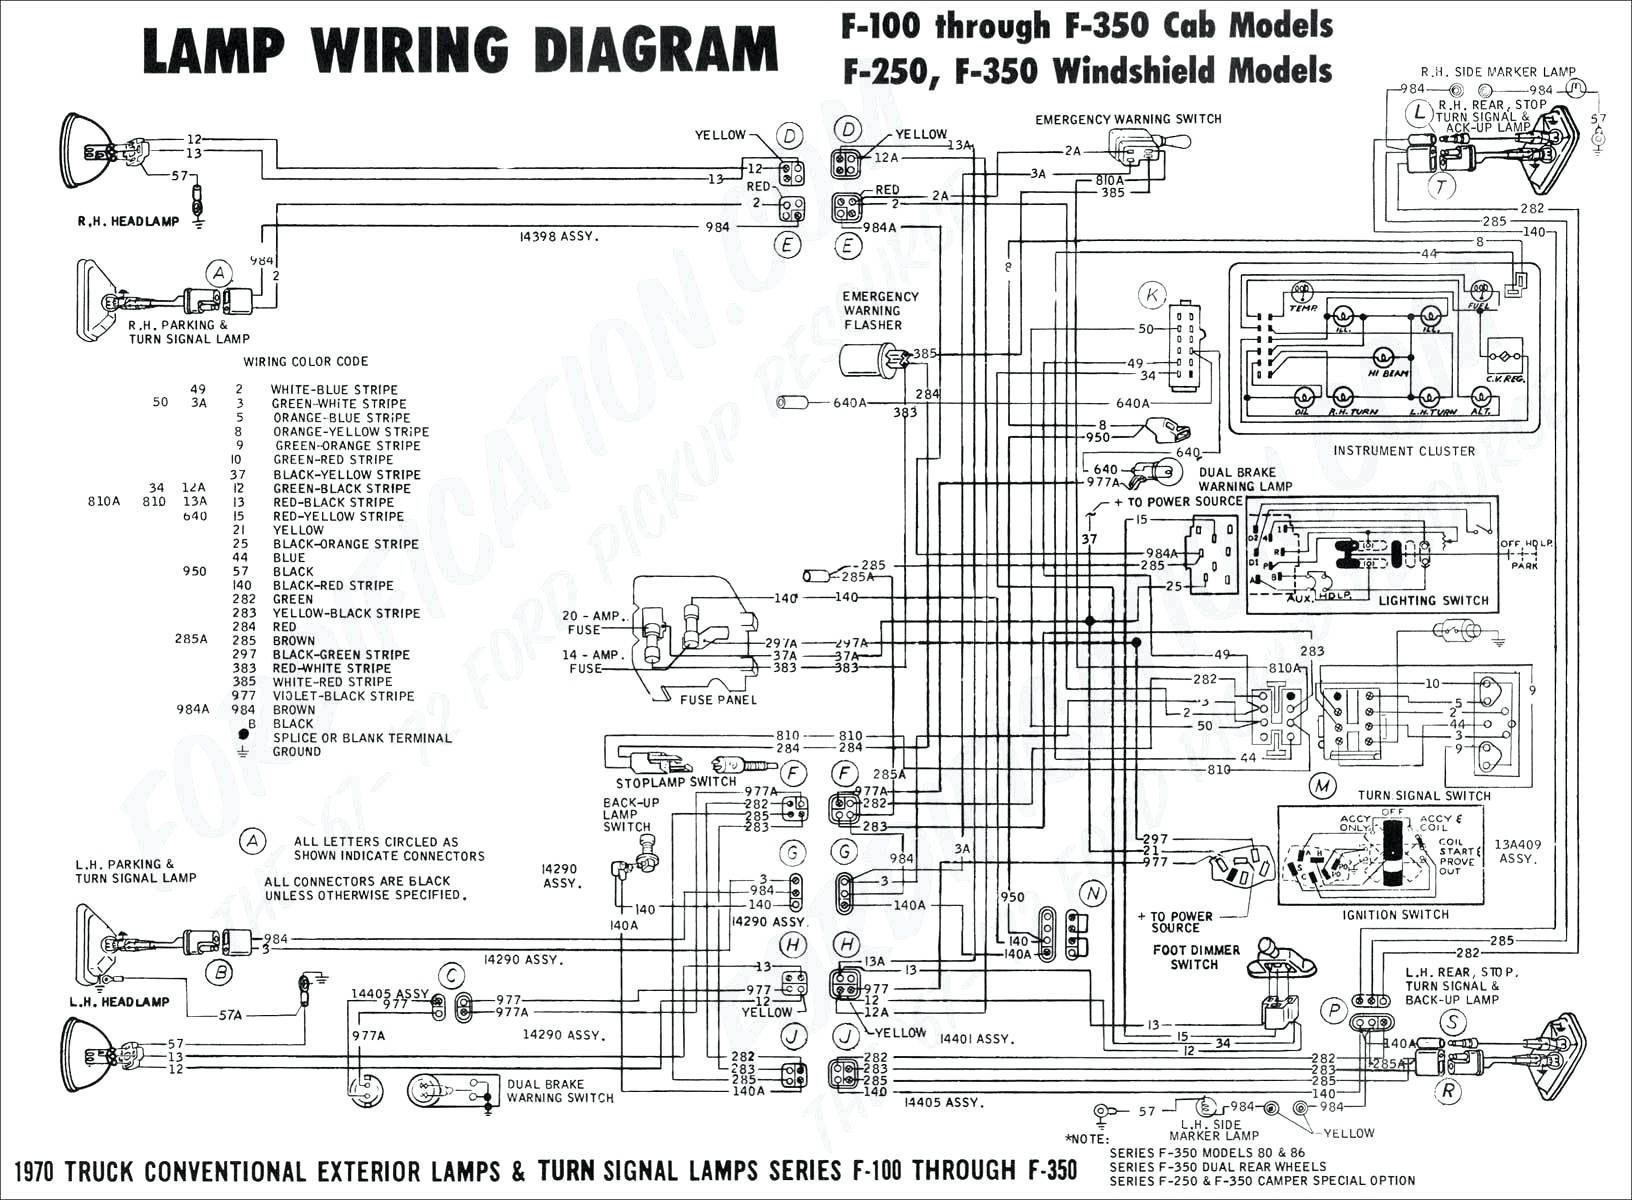 Dodge Truck Marker Light Wiring Diagram Wiring Diagram Used 1999 Dodge Caravan Lights Wiring Diagram Dodge Lights Wiring Diagram